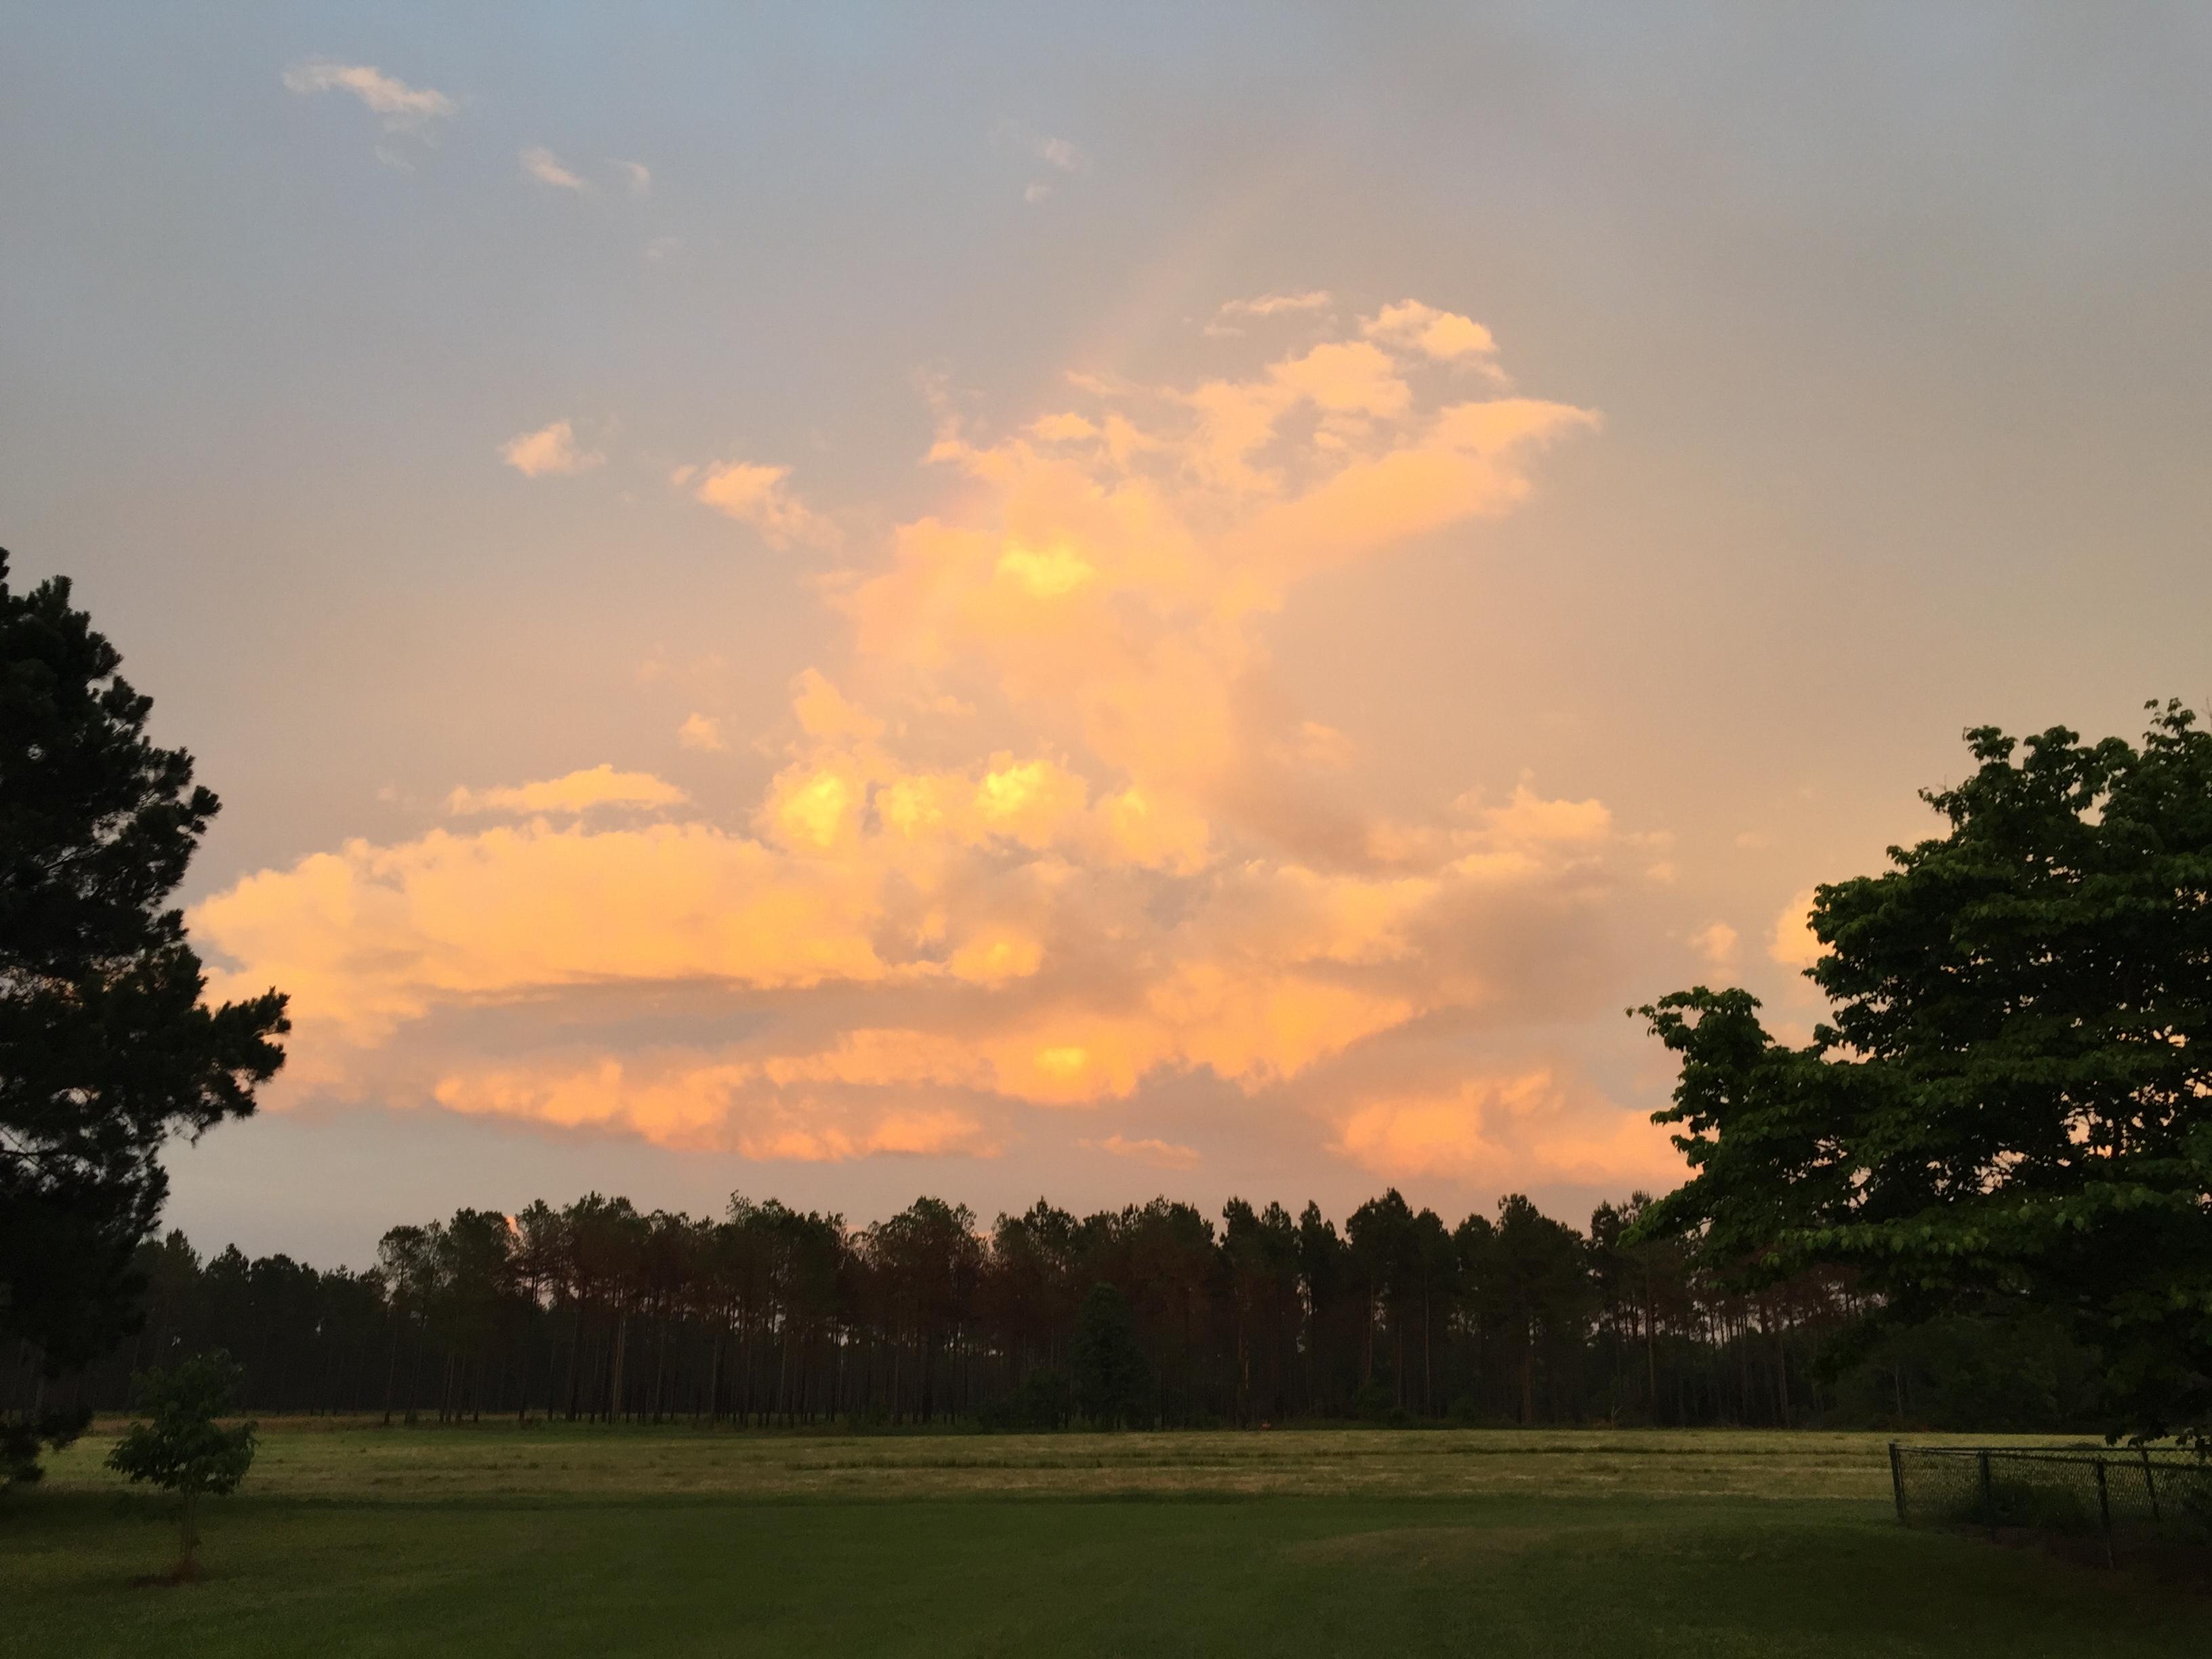 Sunset clouds over a field Georgia